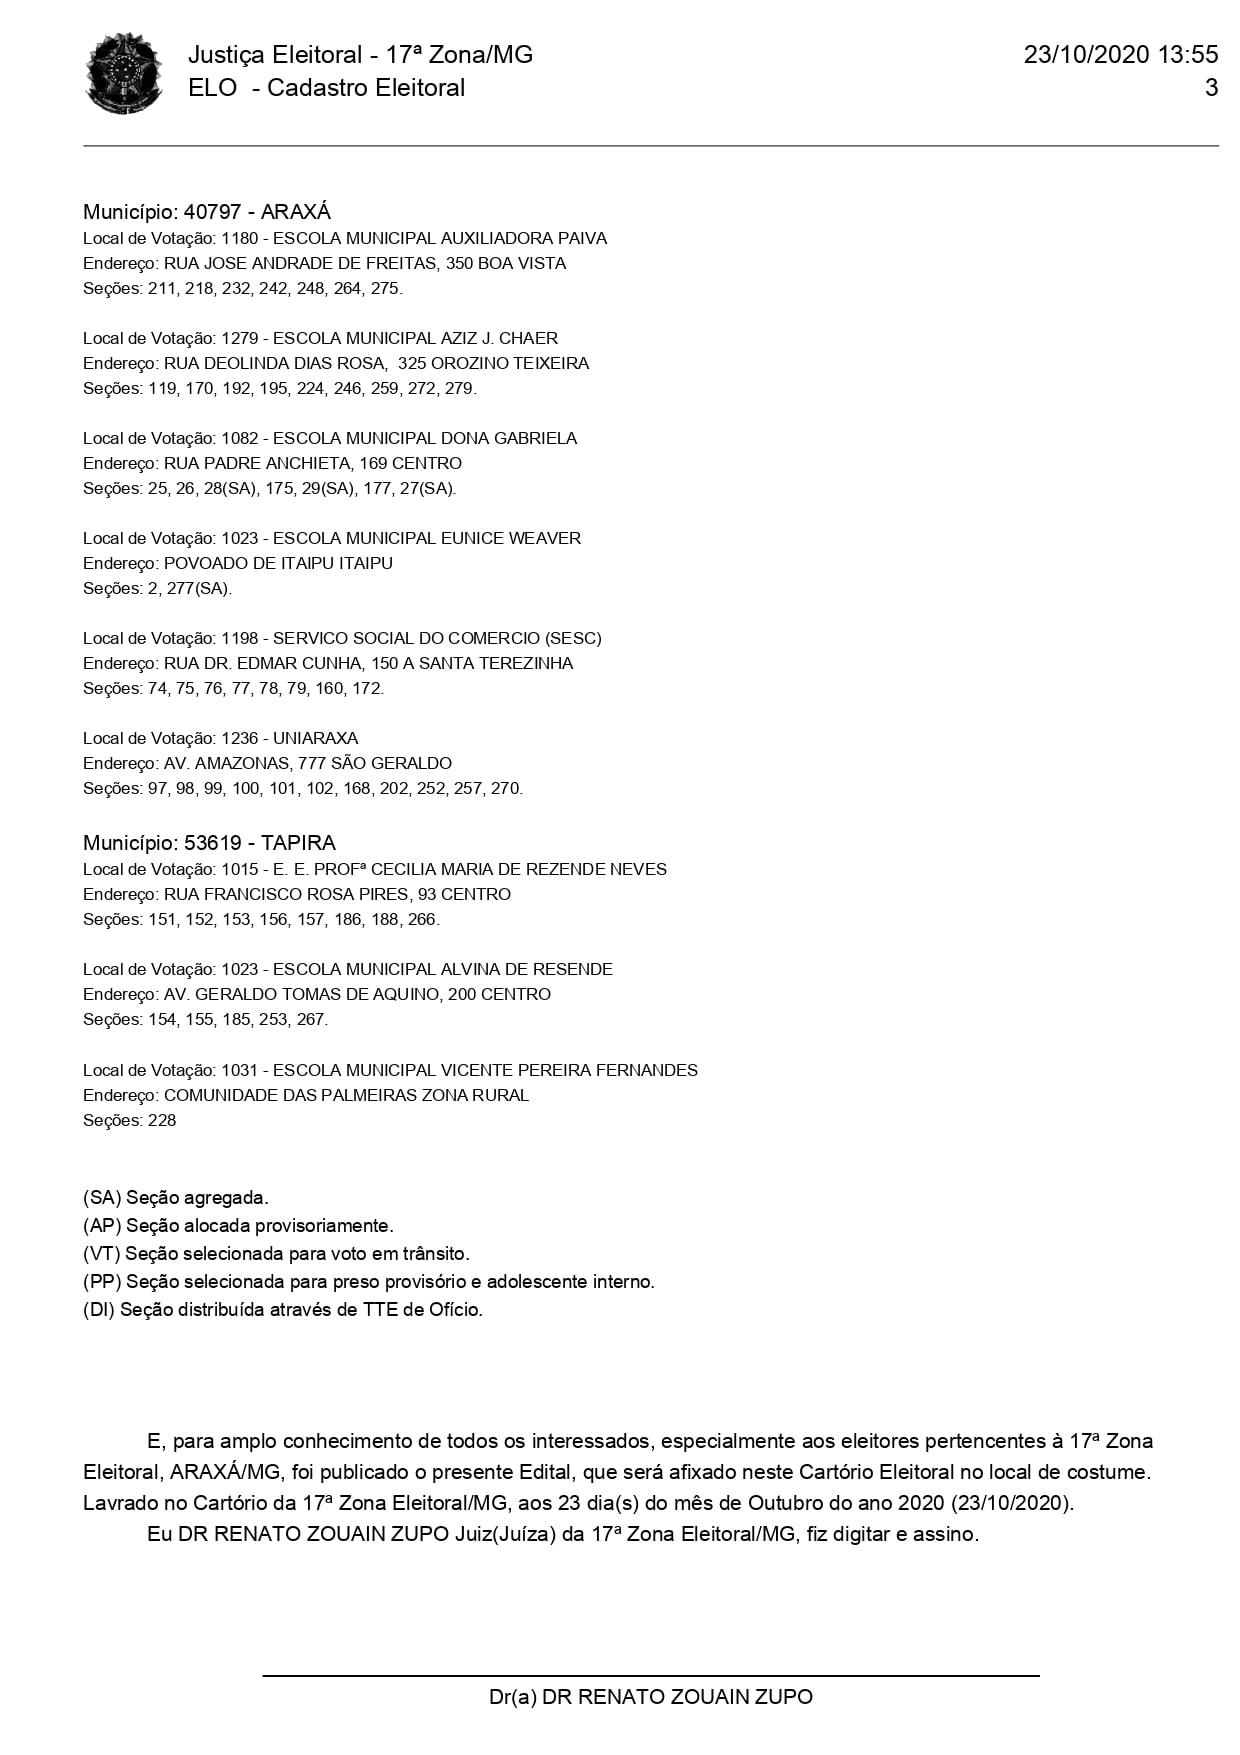 ELEIÇÕES 2020: Confira os locais de votação em Araxá 3